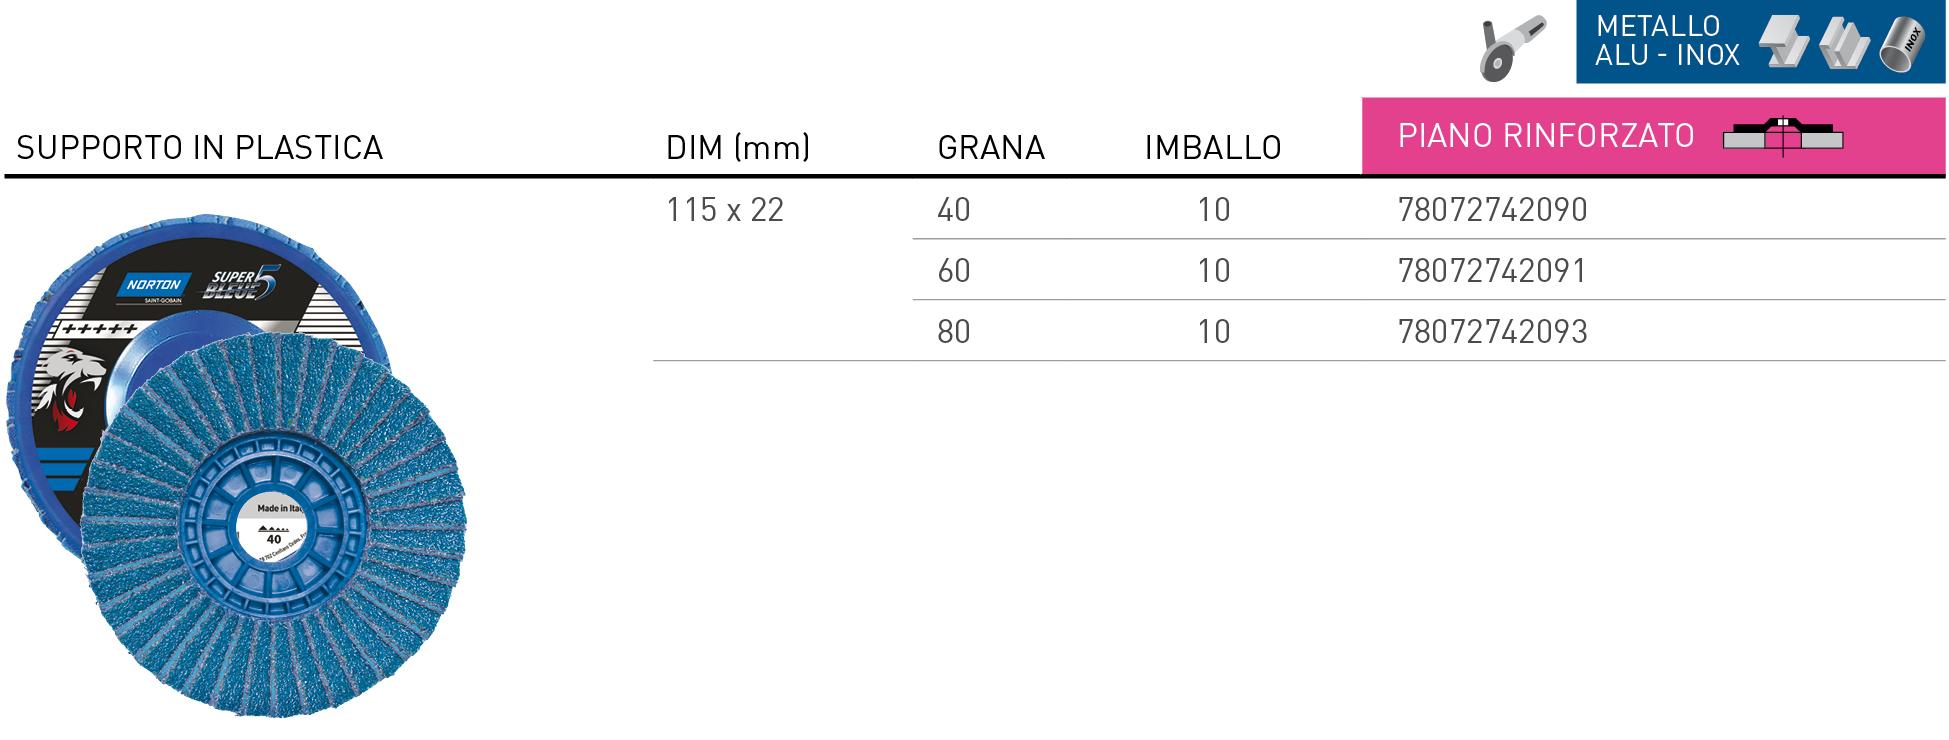 SB5_Lamellare-plastica_met-alu-inox_smer-ang